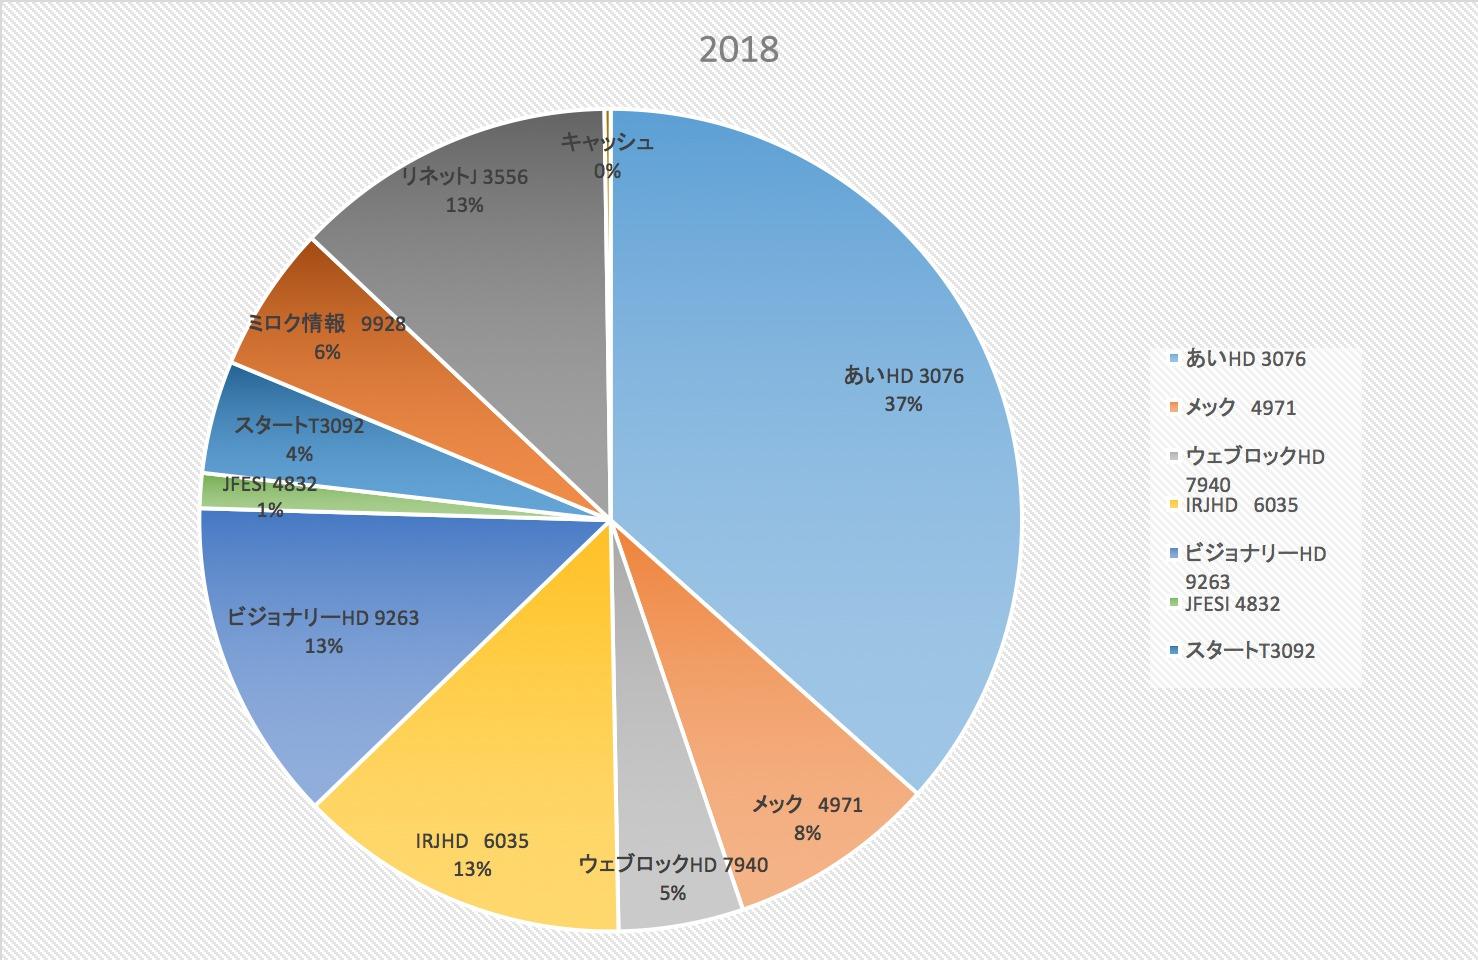 フルインベストになりました(株式投資成績報告2018/8/18)